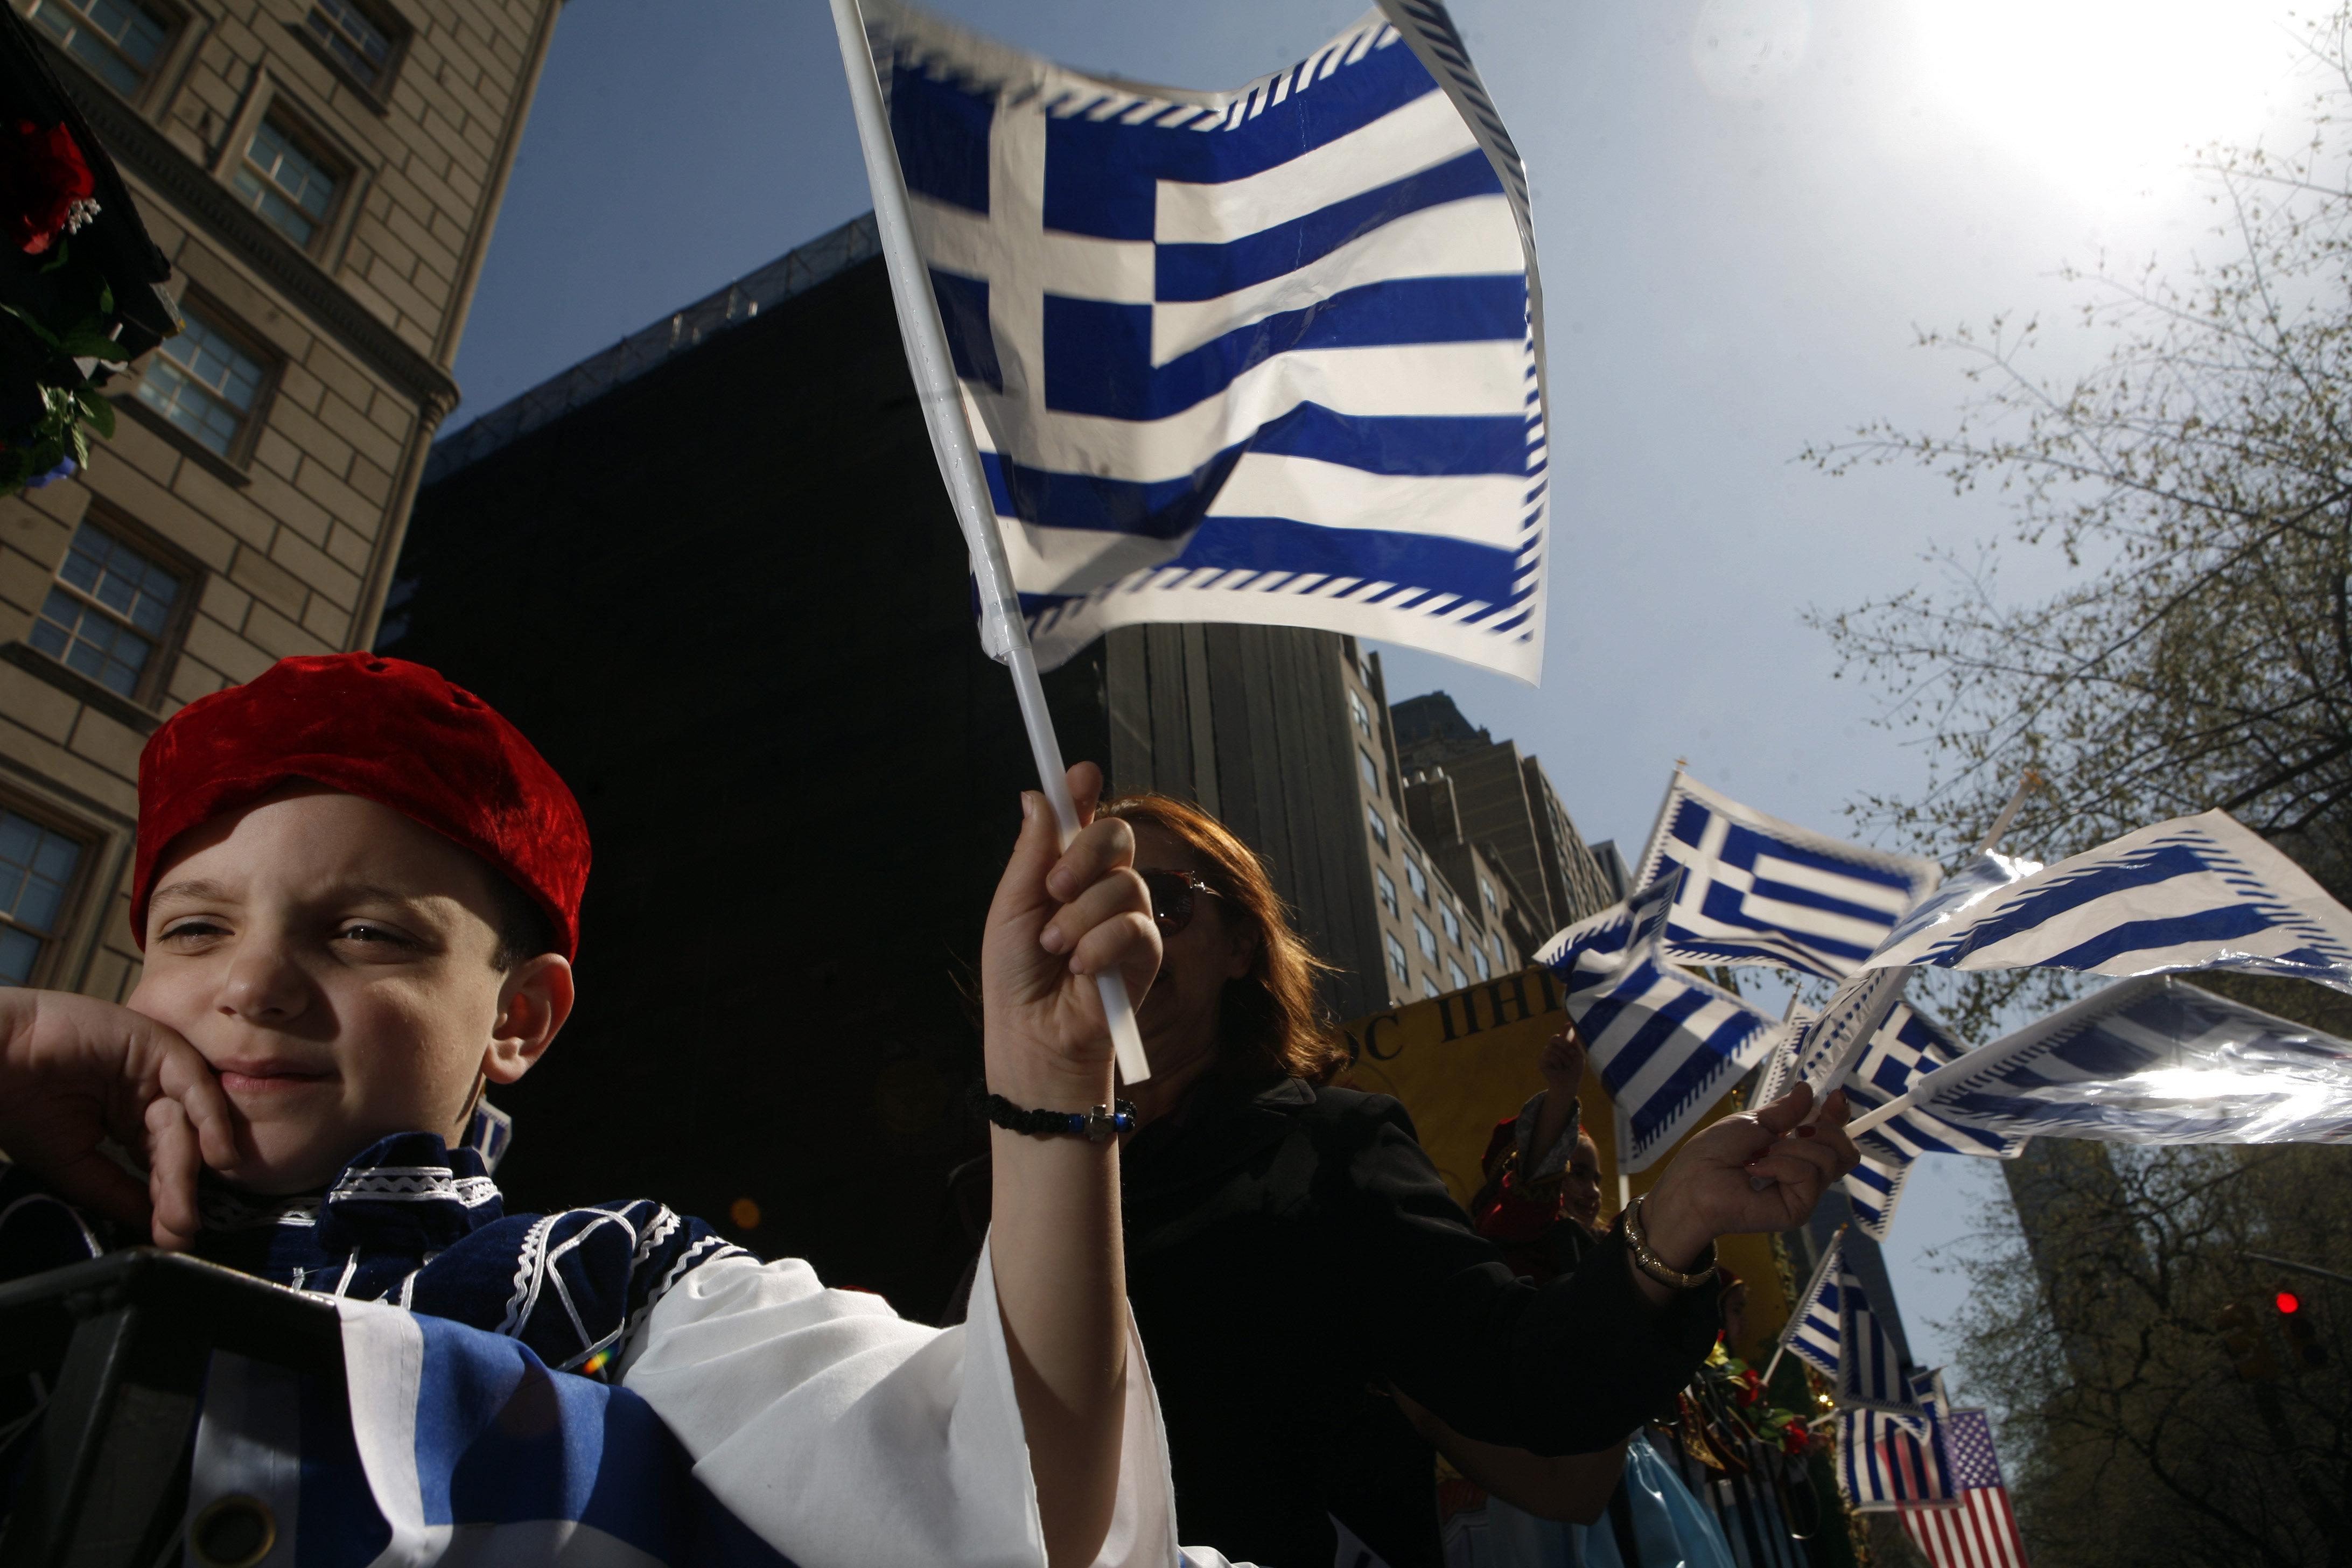 Kapa Research: Οι Έλληνες της Διασποράς δηλώνουν περήφανοι για την καταγωγή τους και πιστεύουν στο